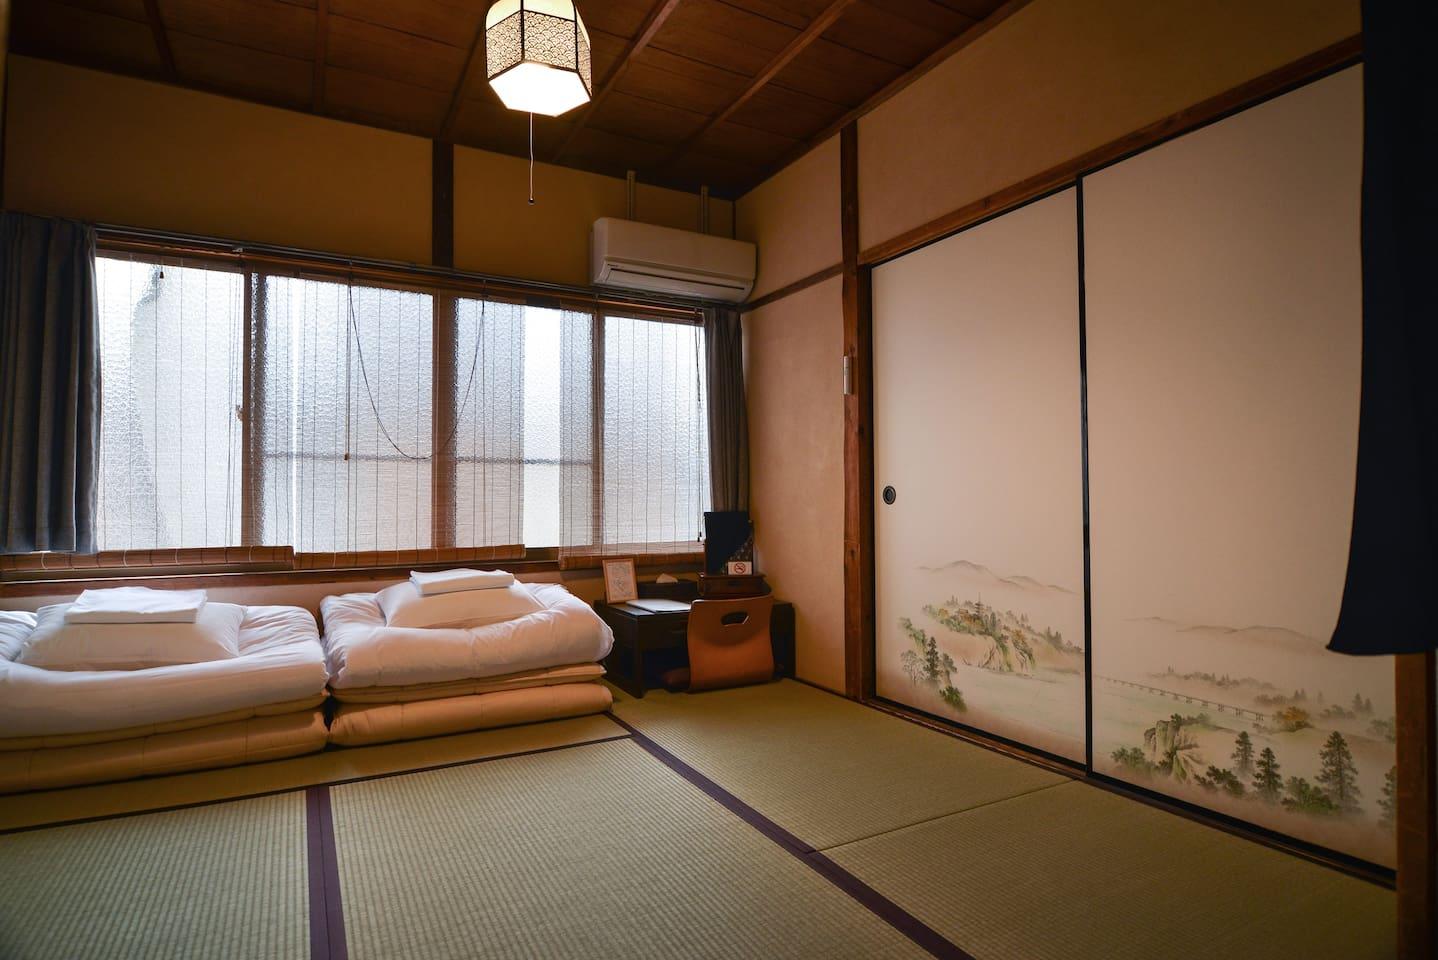 Mini Japanese room